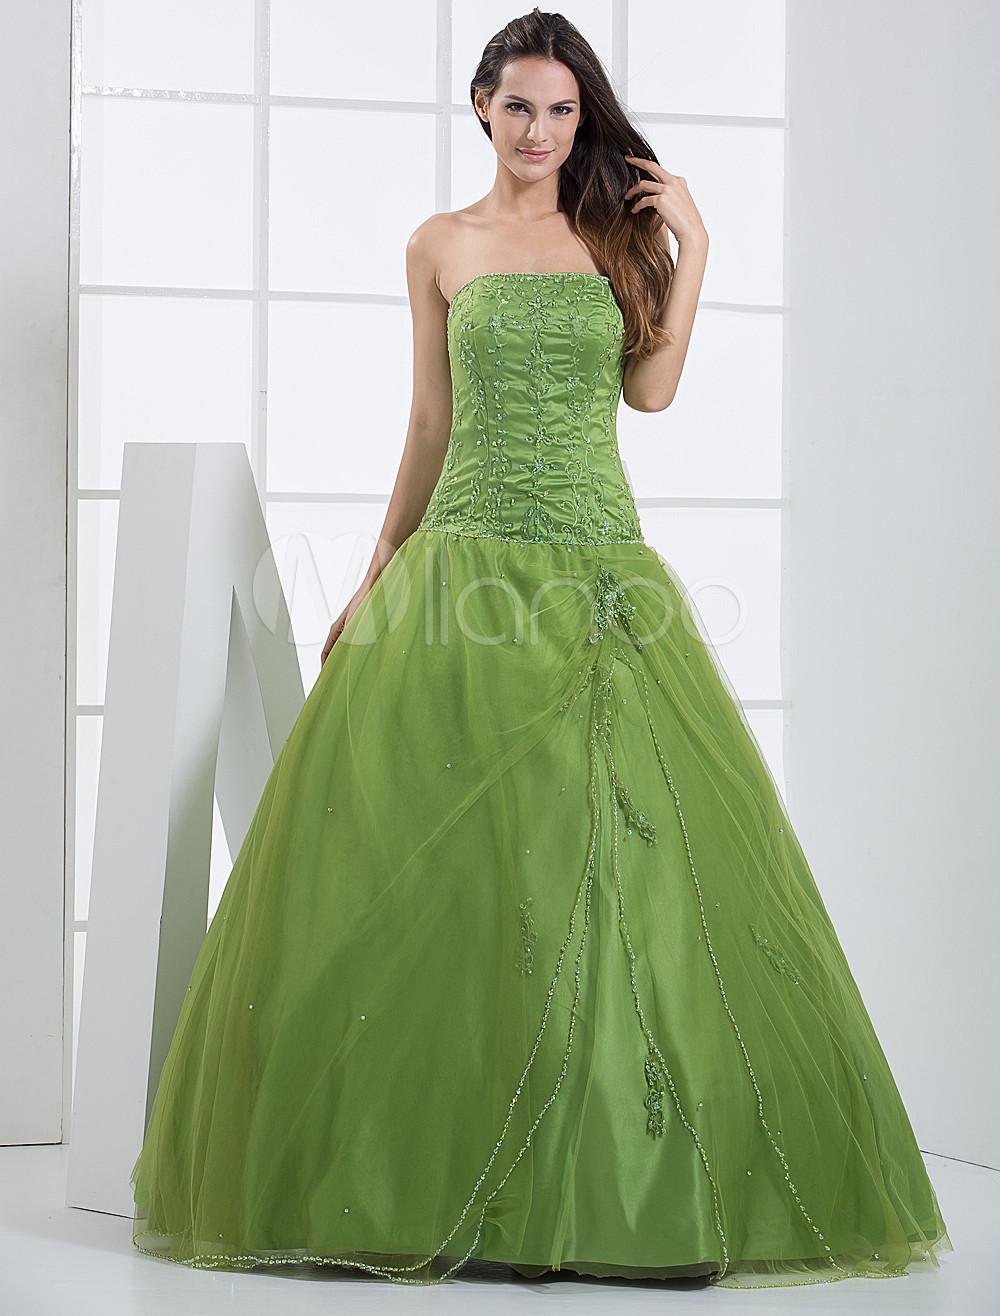 Green Ball Gown Strapless Quinceanera Dress